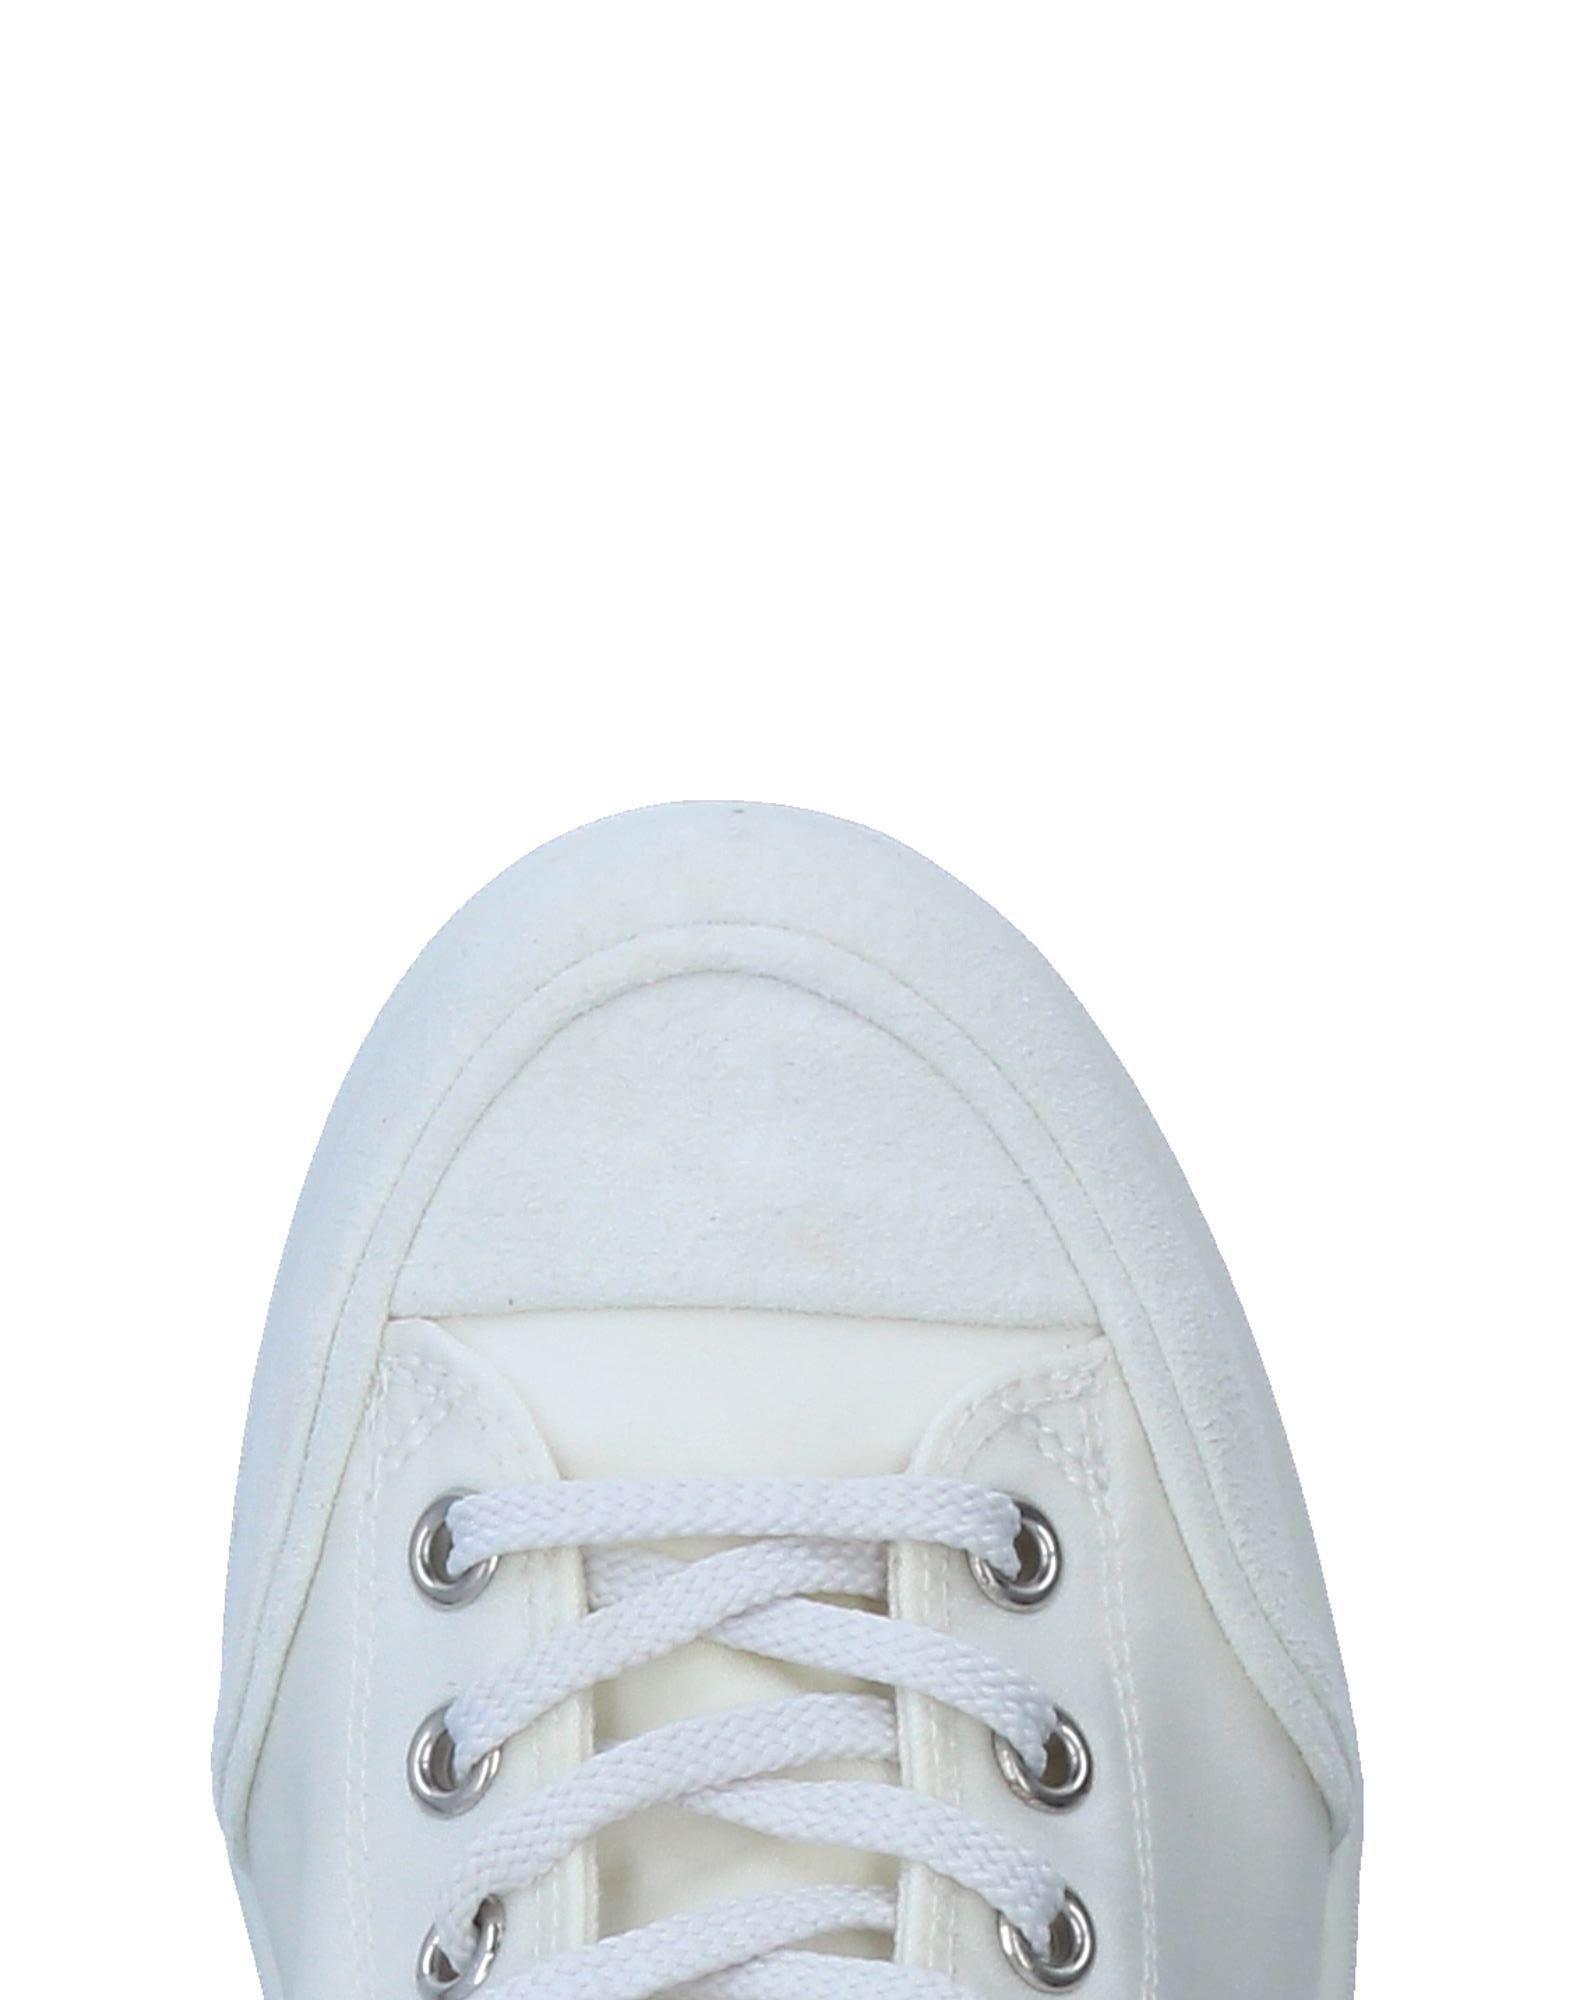 Ruco Line Sneakers Damen Gutes Preis-Leistungs-Verhältnis, lohnt es lohnt Preis-Leistungs-Verhältnis, sich 08a543